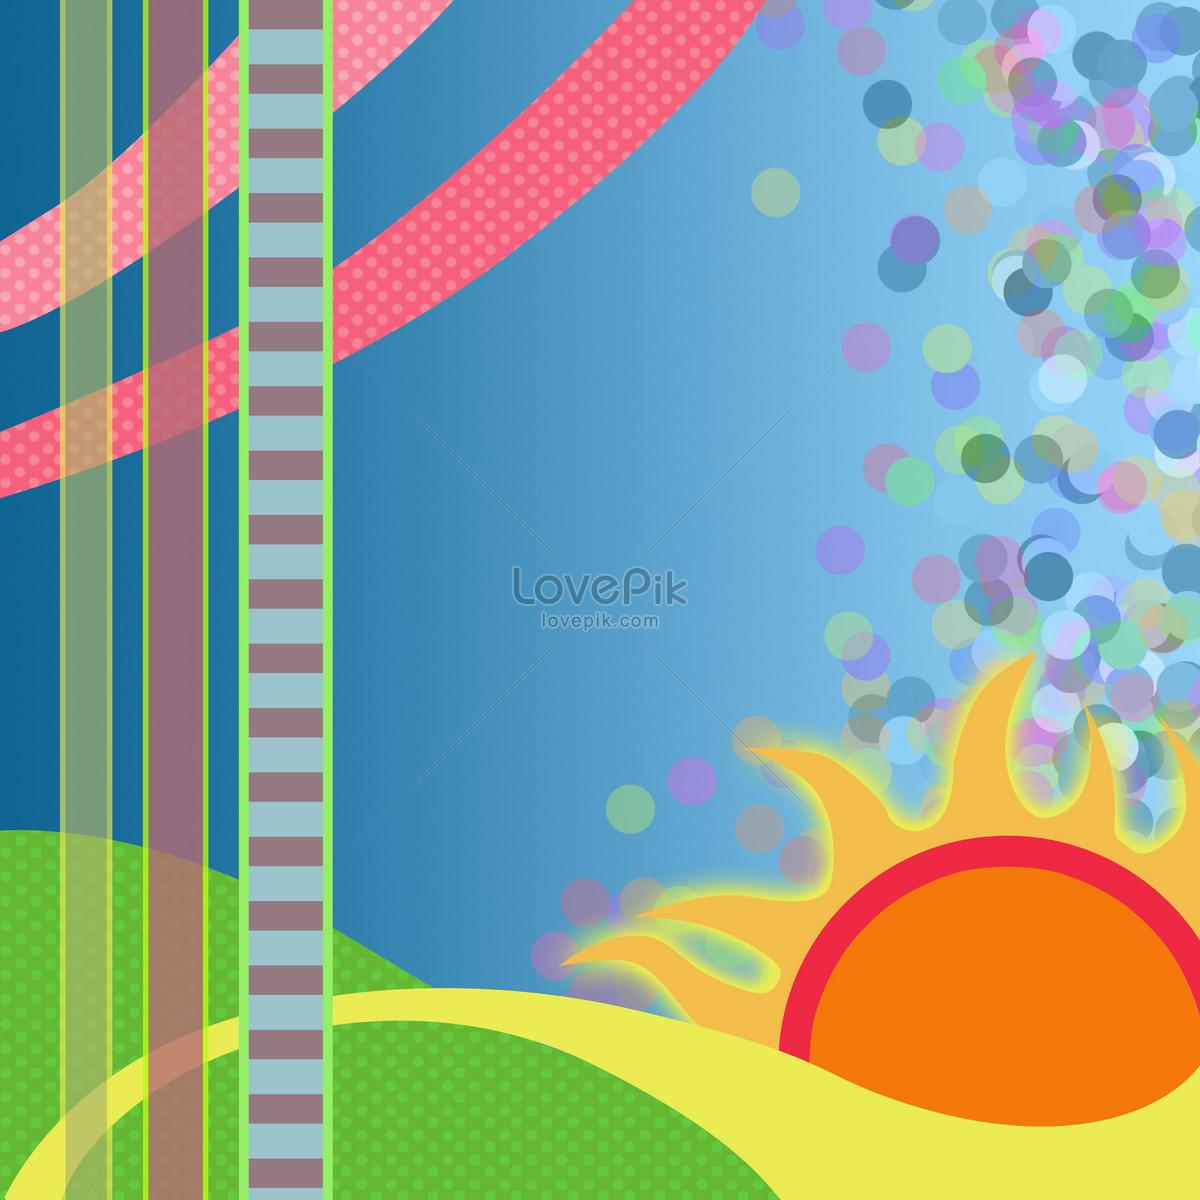 Illustrations Gratuites photo de visitez mon site pour plus de mes illustrations gratuites